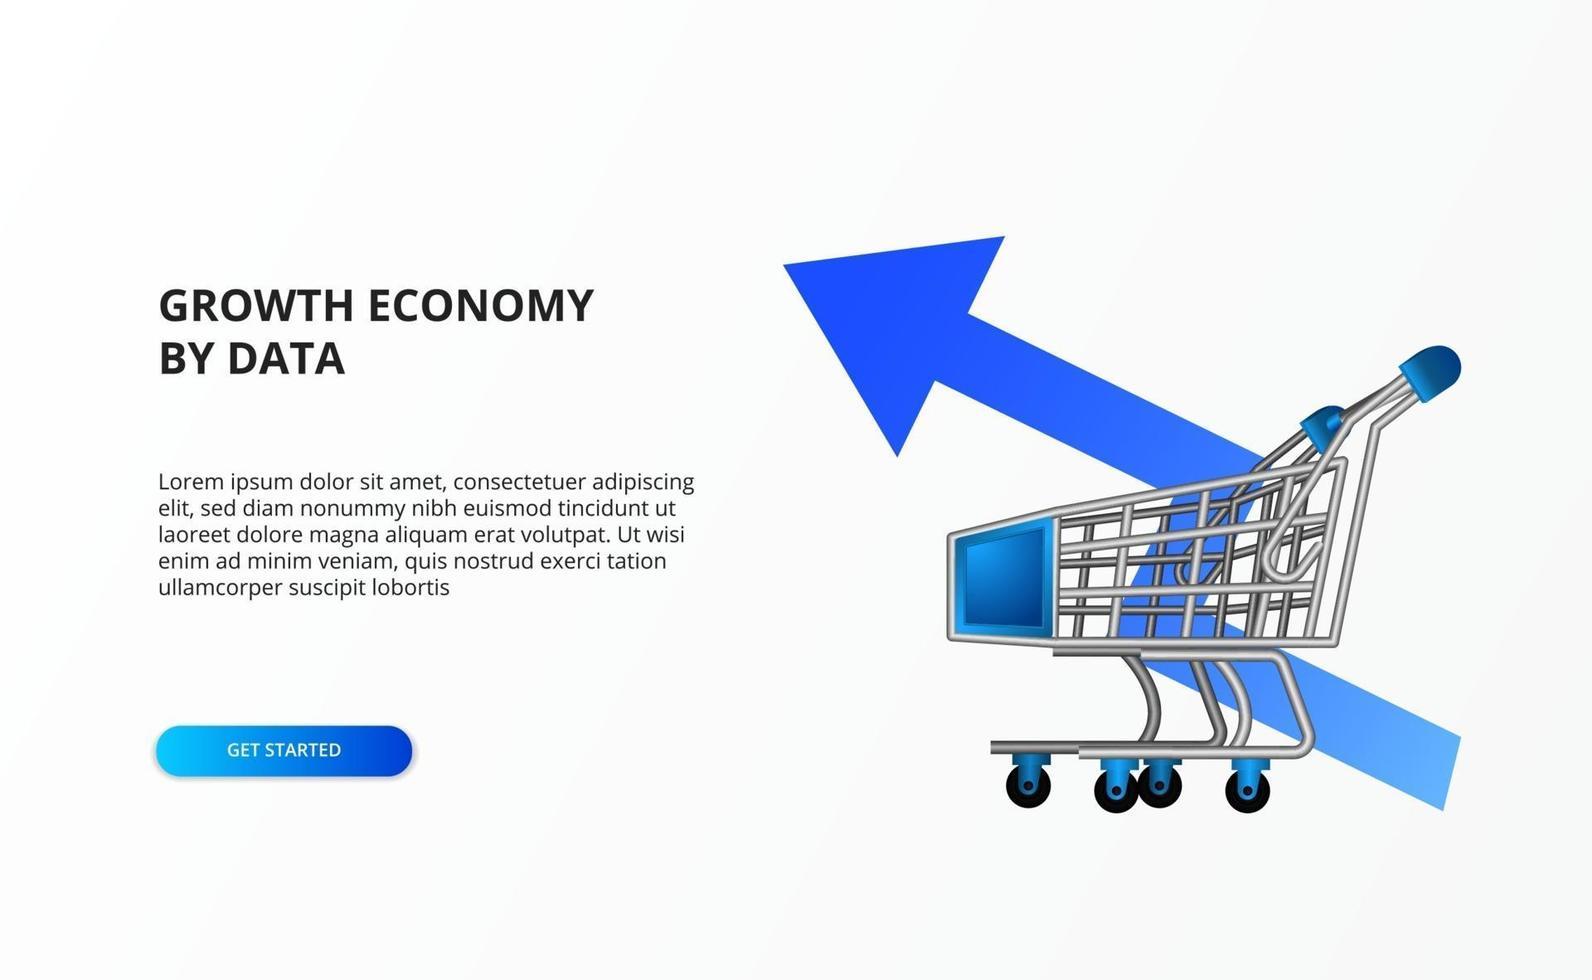 Croissance shopping économie de détail avec illustration de chariot de chariot et concept de flèche bleue vers le haut vecteur